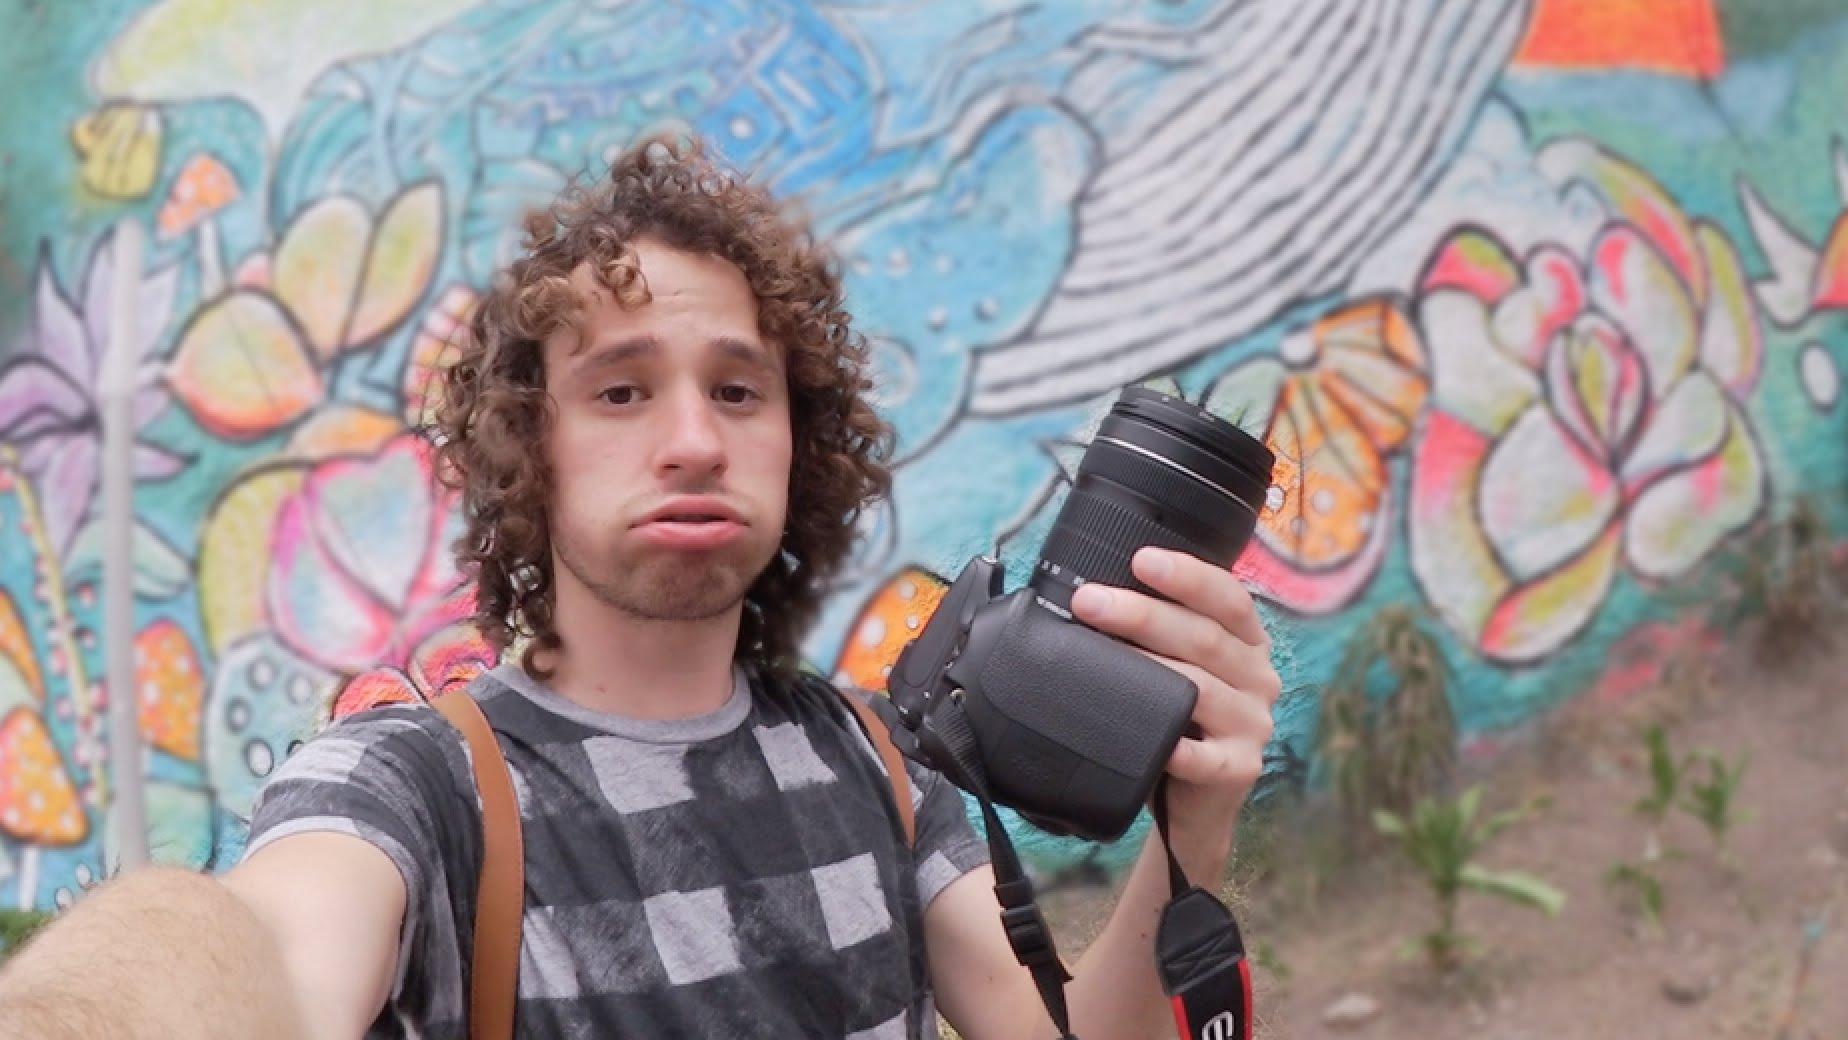 El youtuber Luisito Comunica cuenta como fue el robo que sufrió en Venezuela